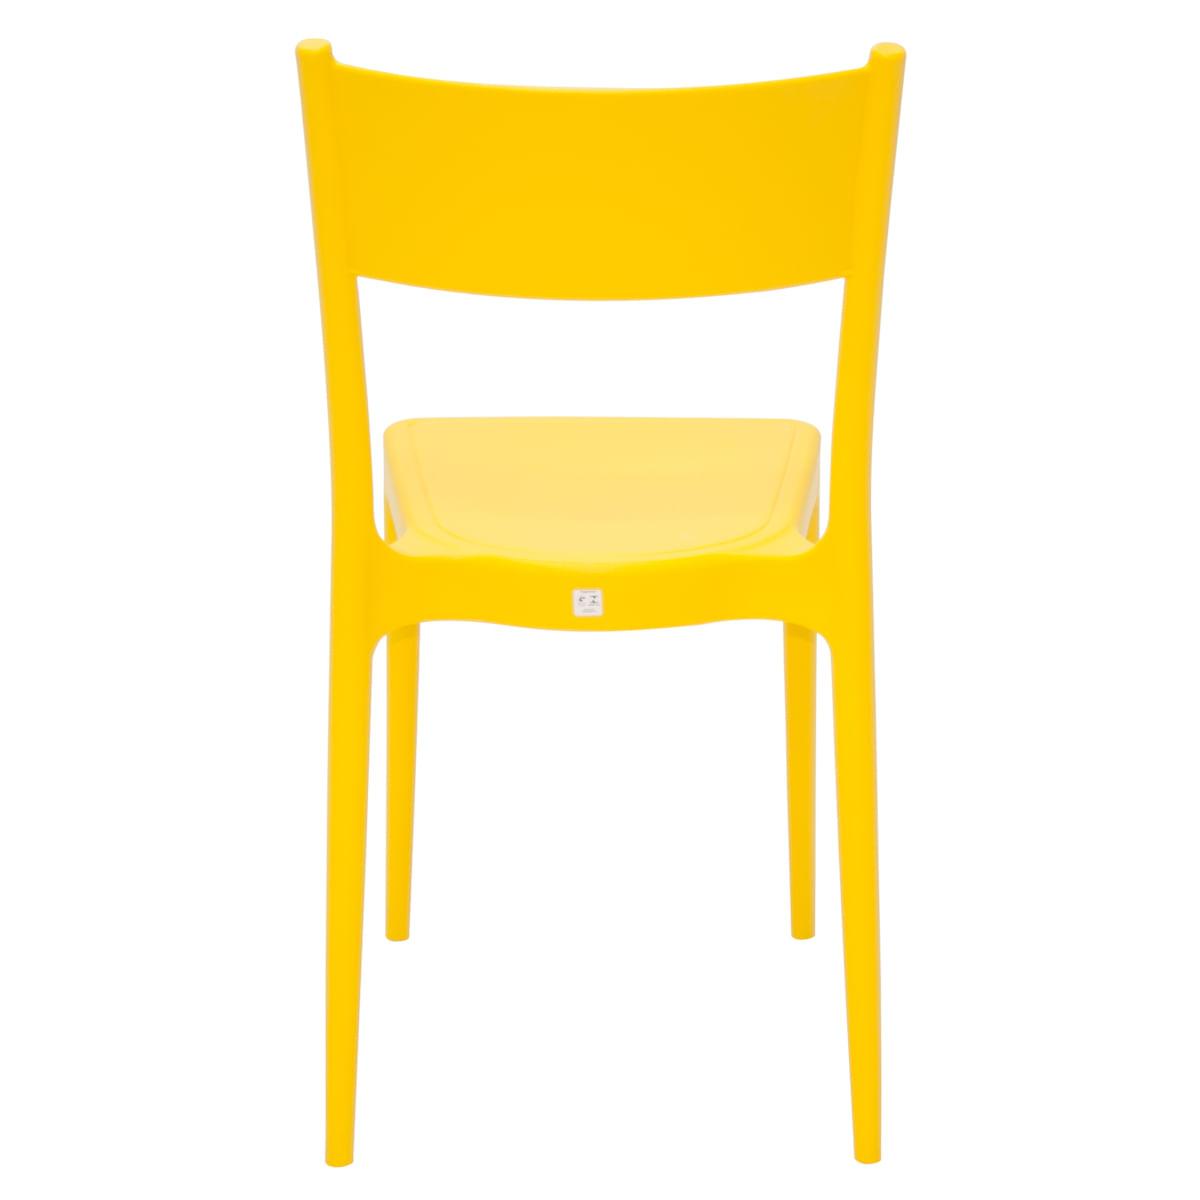 Cadeira Tramontina Diana Amarela em Polipropileno e Fibra de Vidro